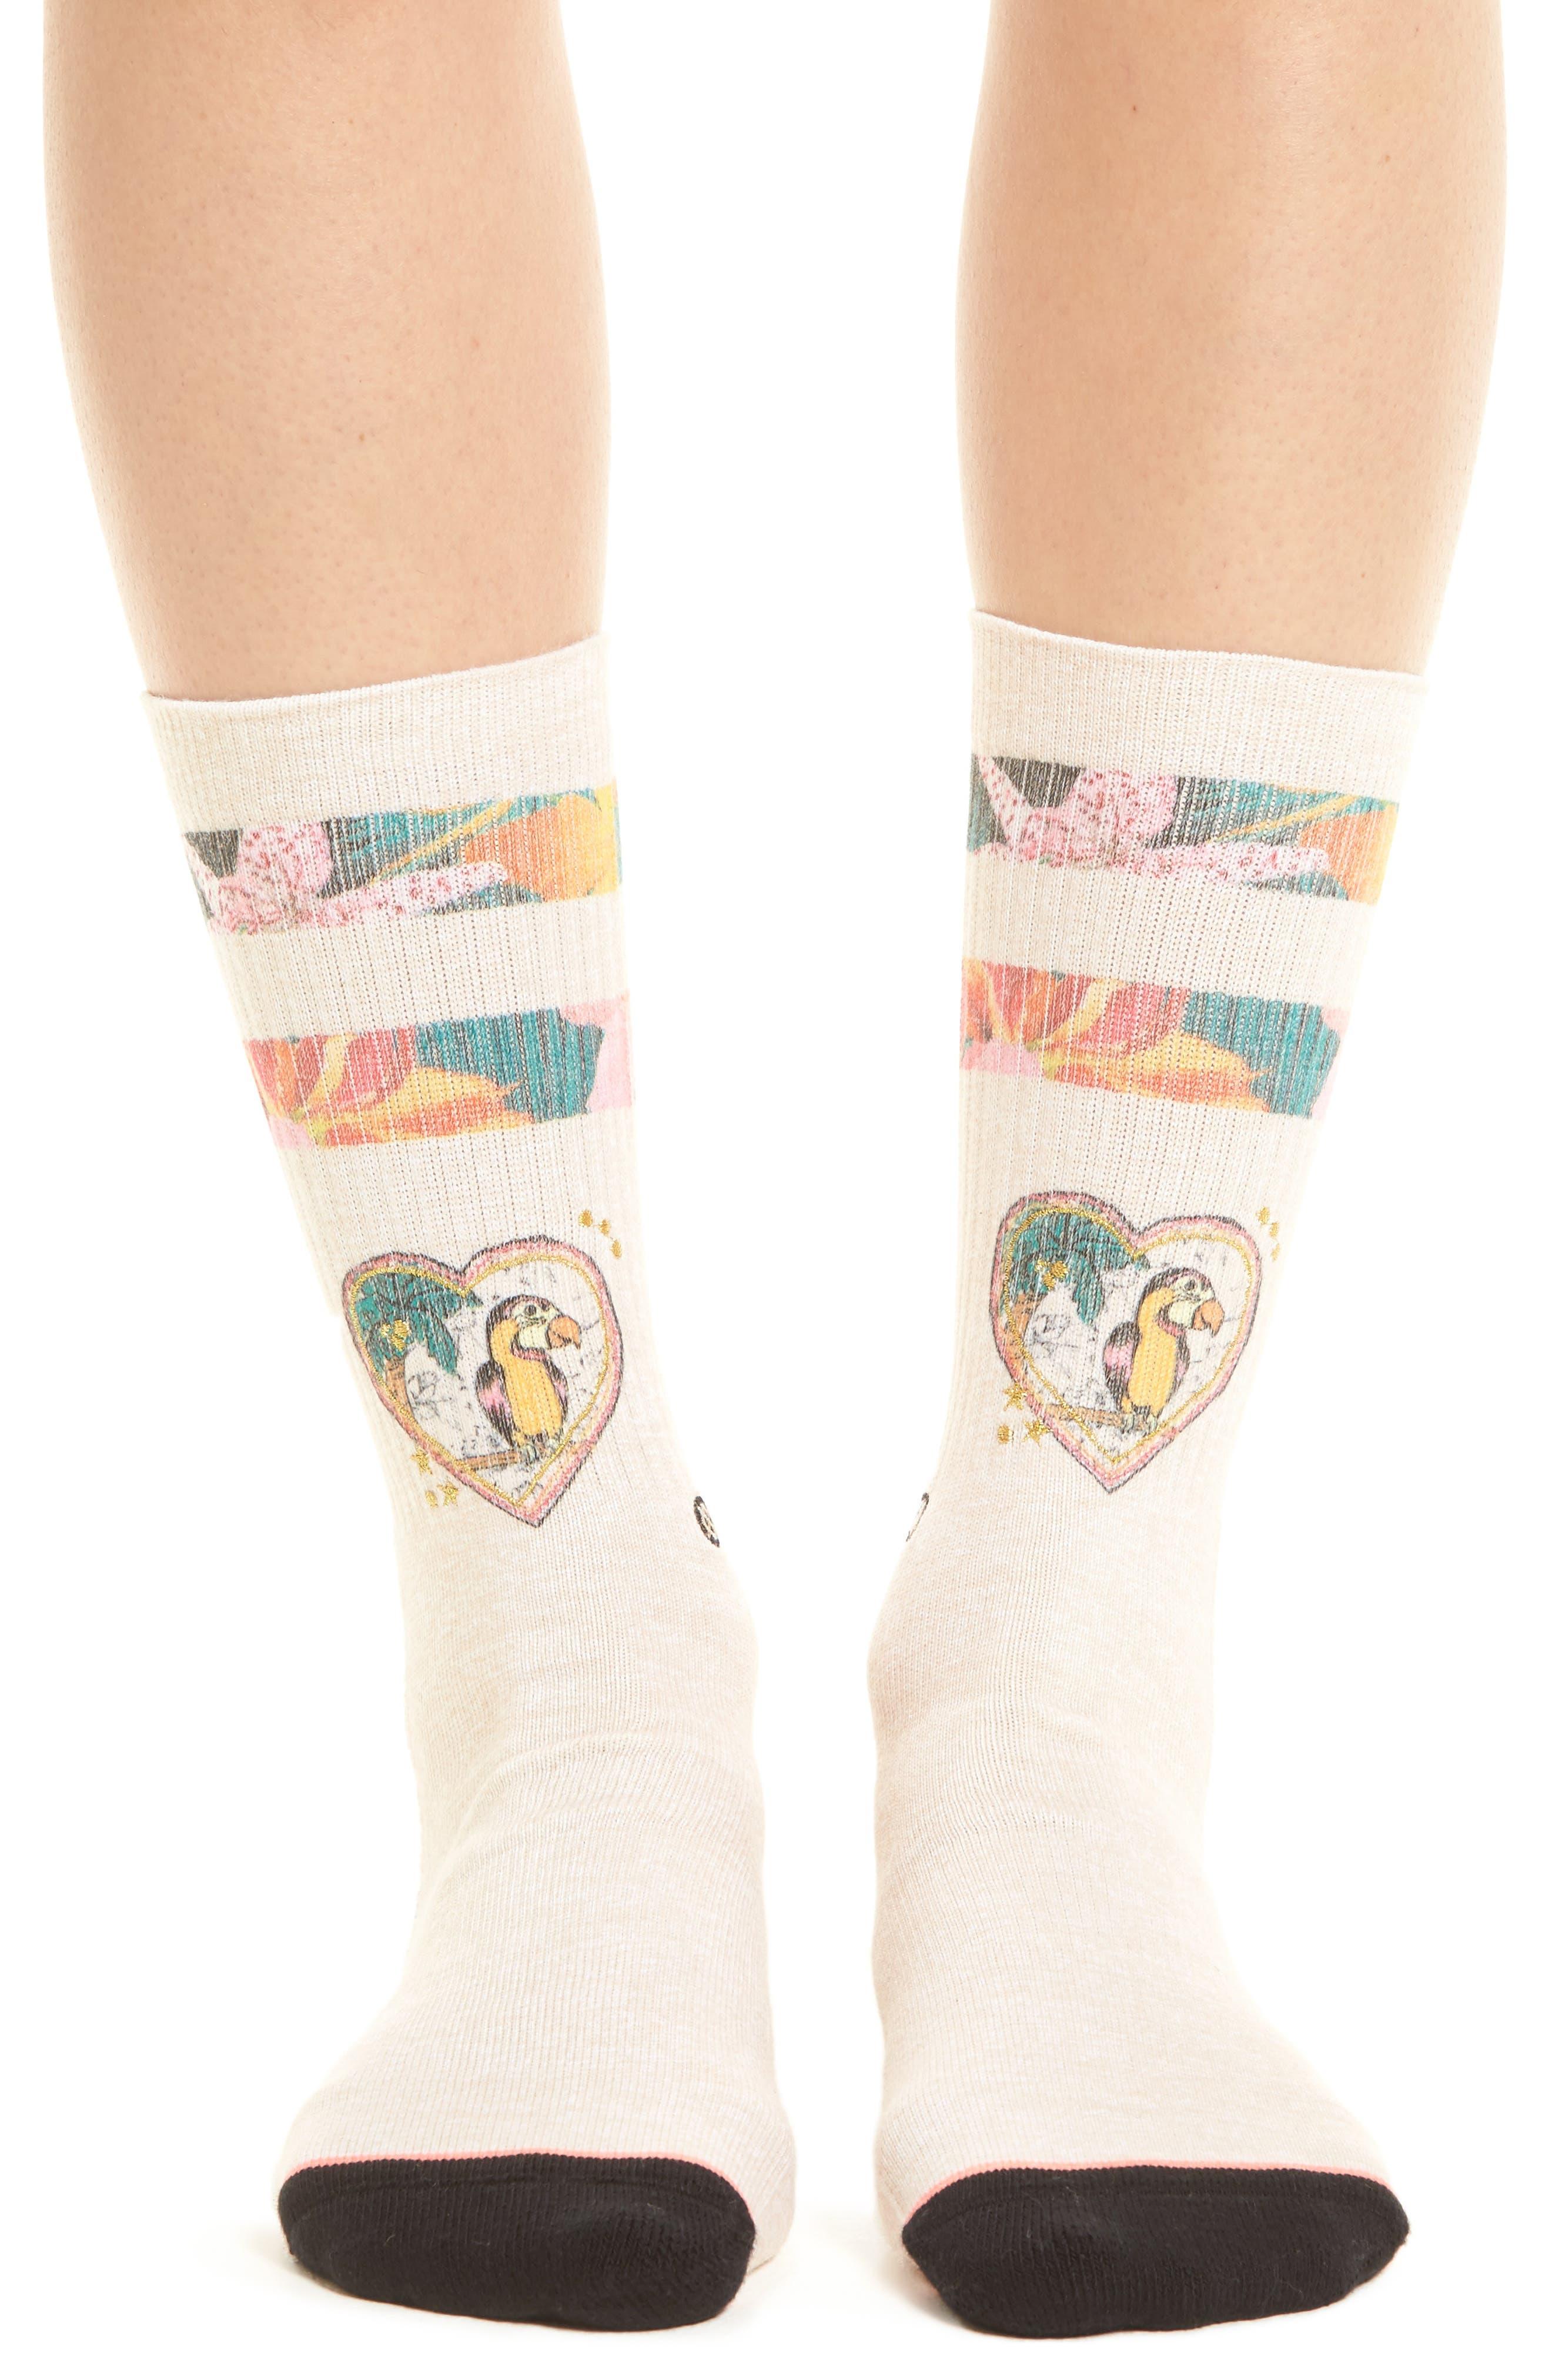 Lovebird Crew Socks,                             Alternate thumbnail 2, color,                             Natural